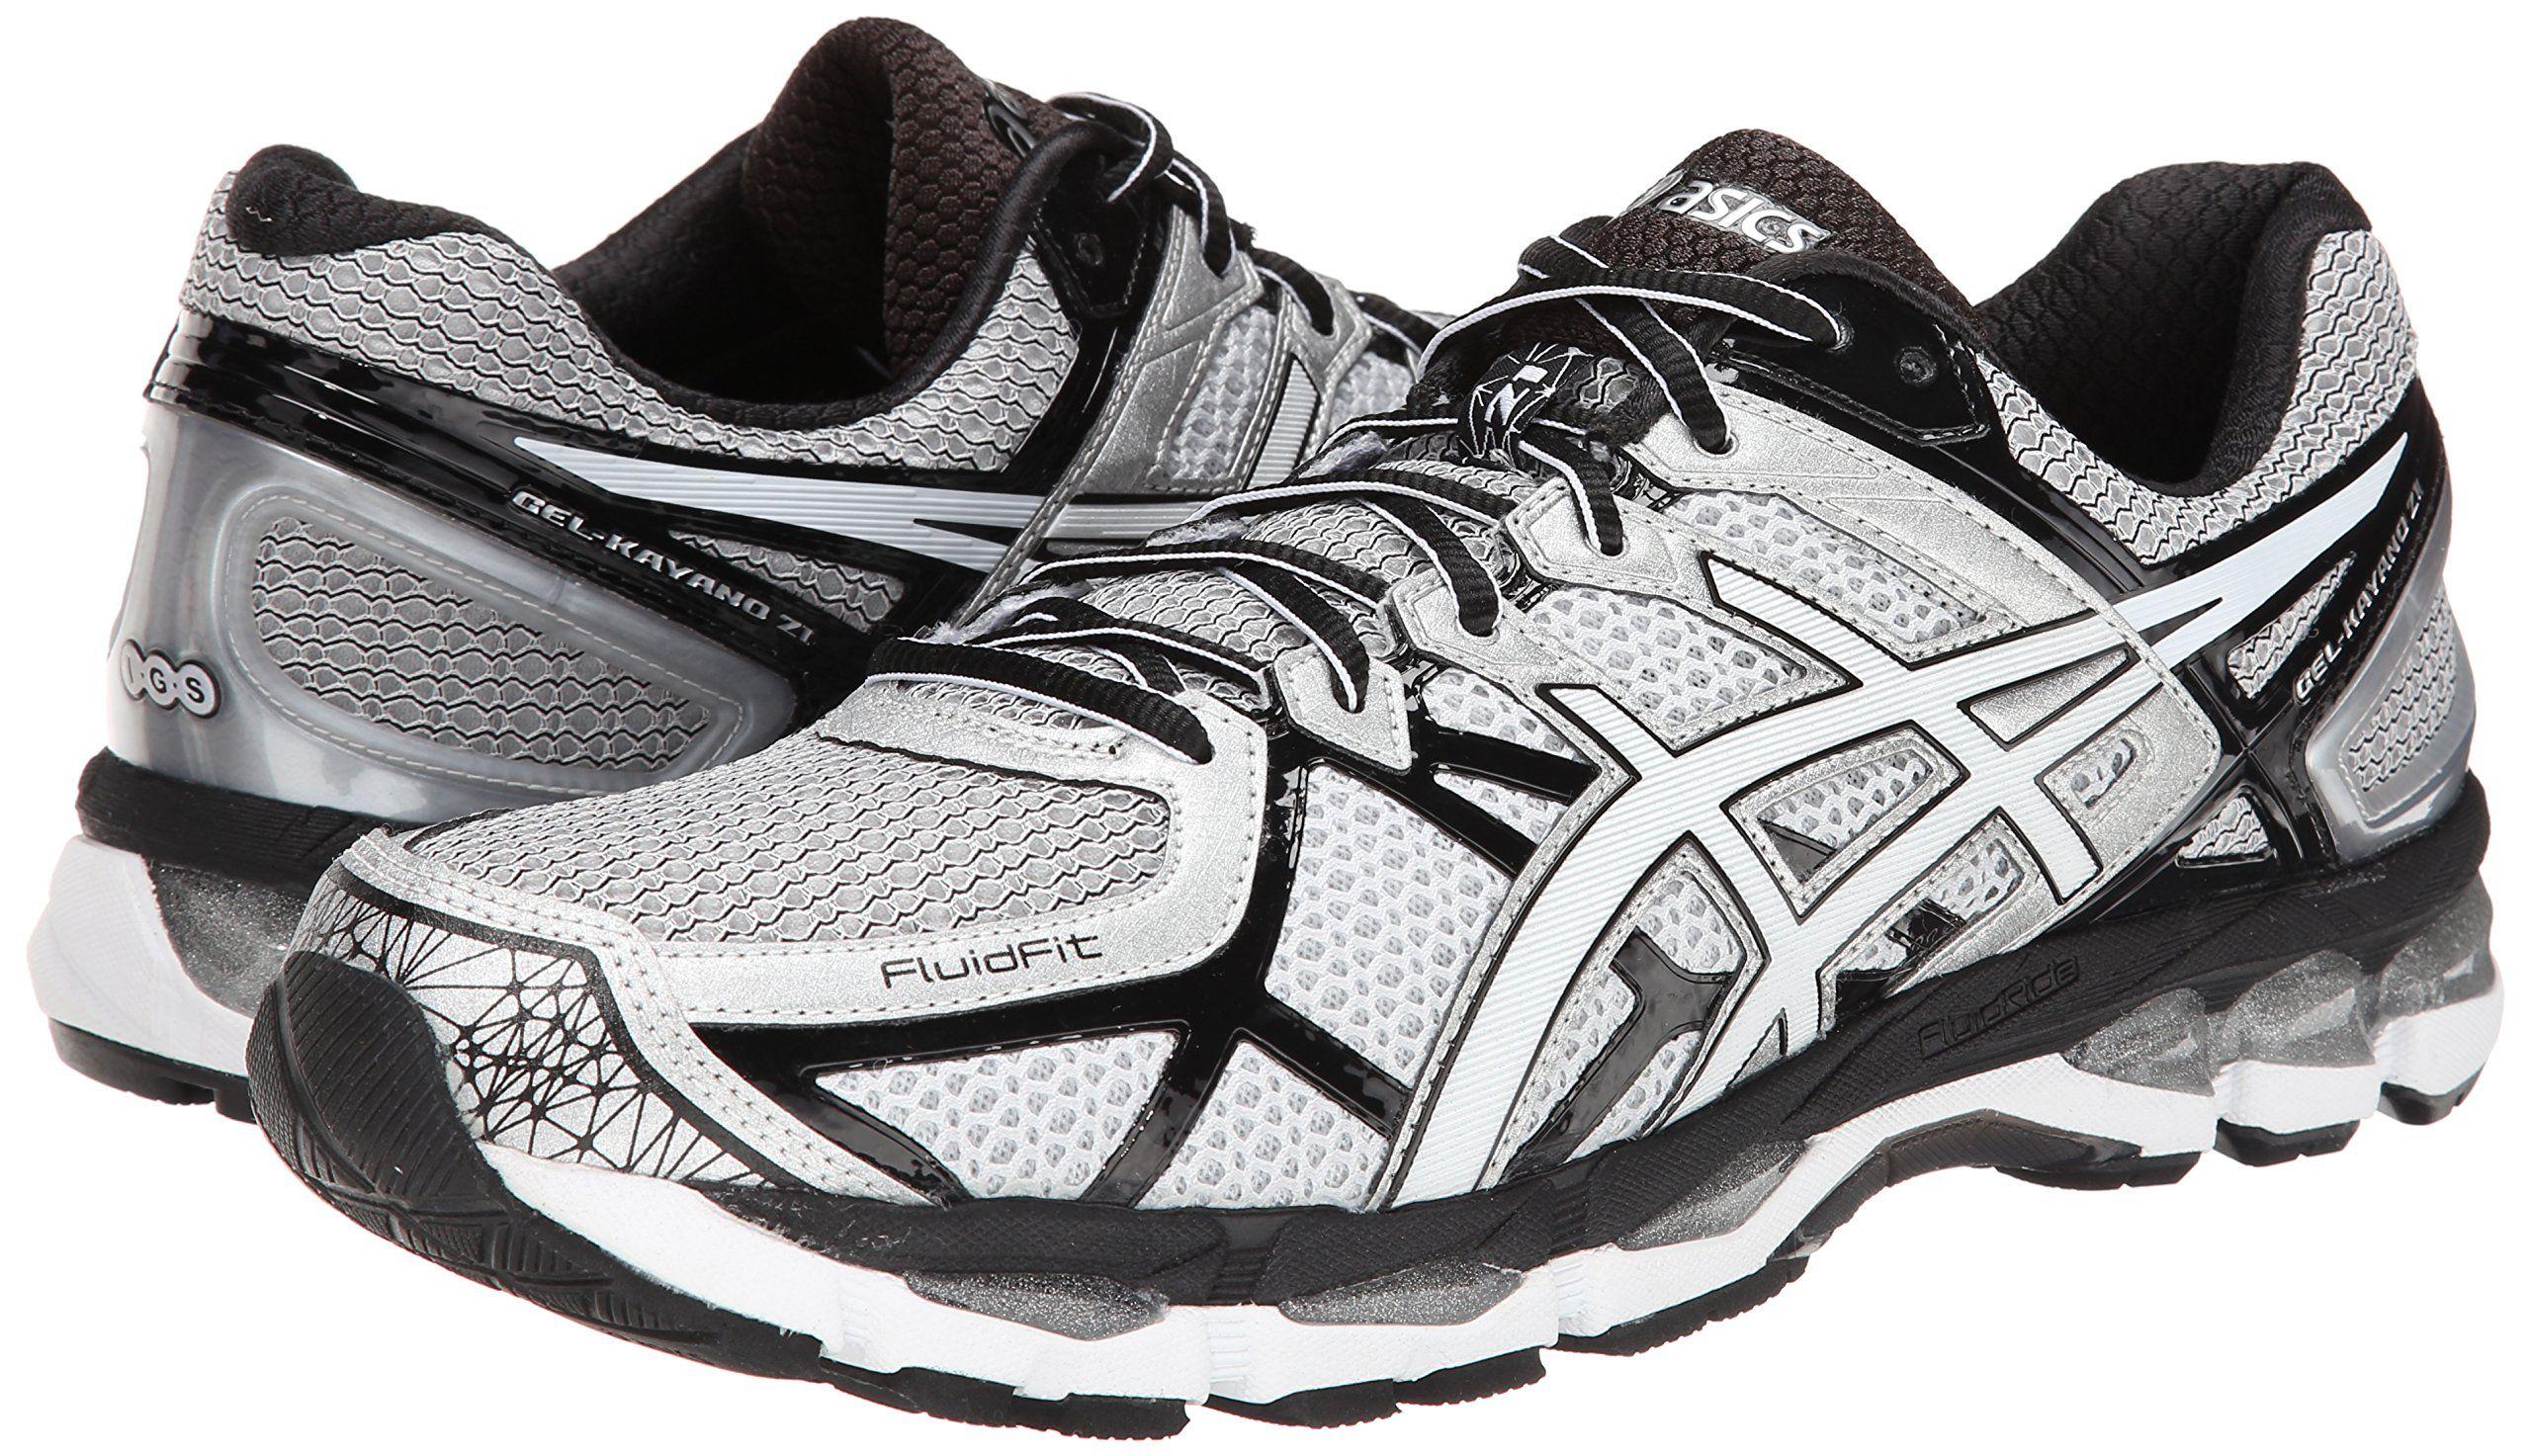 asics chaussures de running gel kayano 21 homme